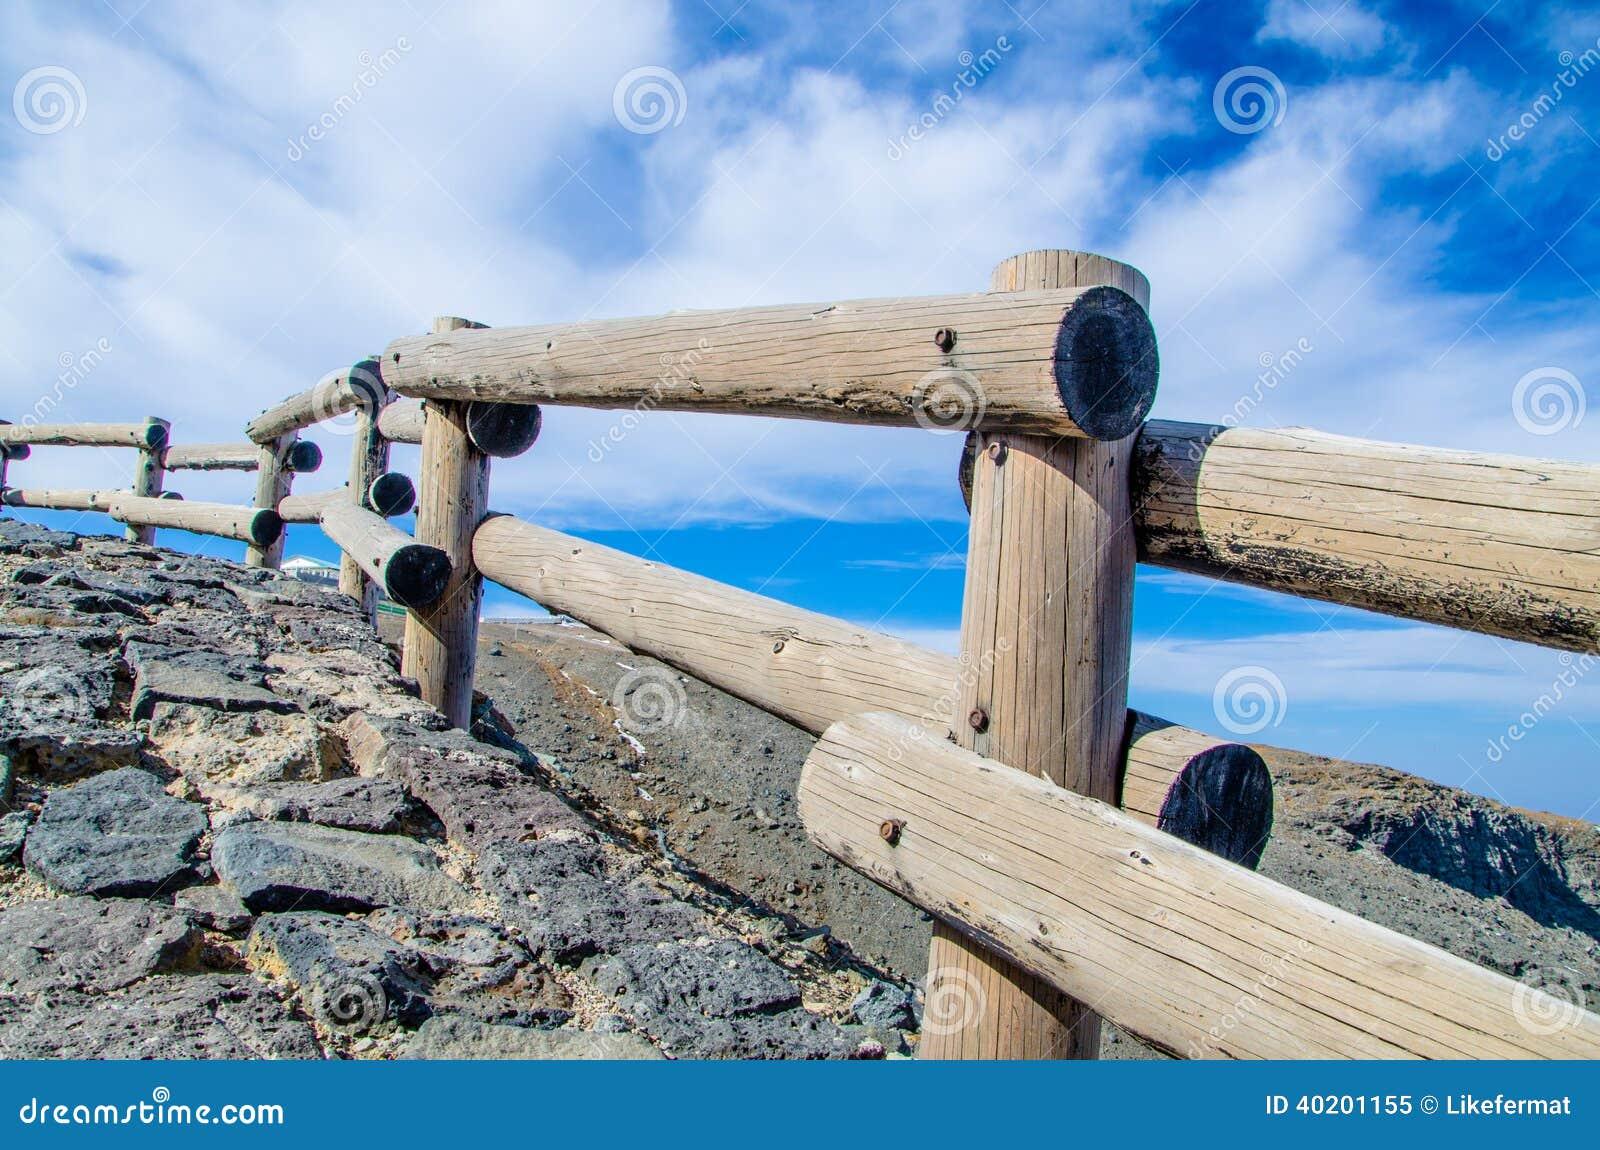 Una guardavia di legno su un bordo della strada rurale con una prospettiva piacevole.